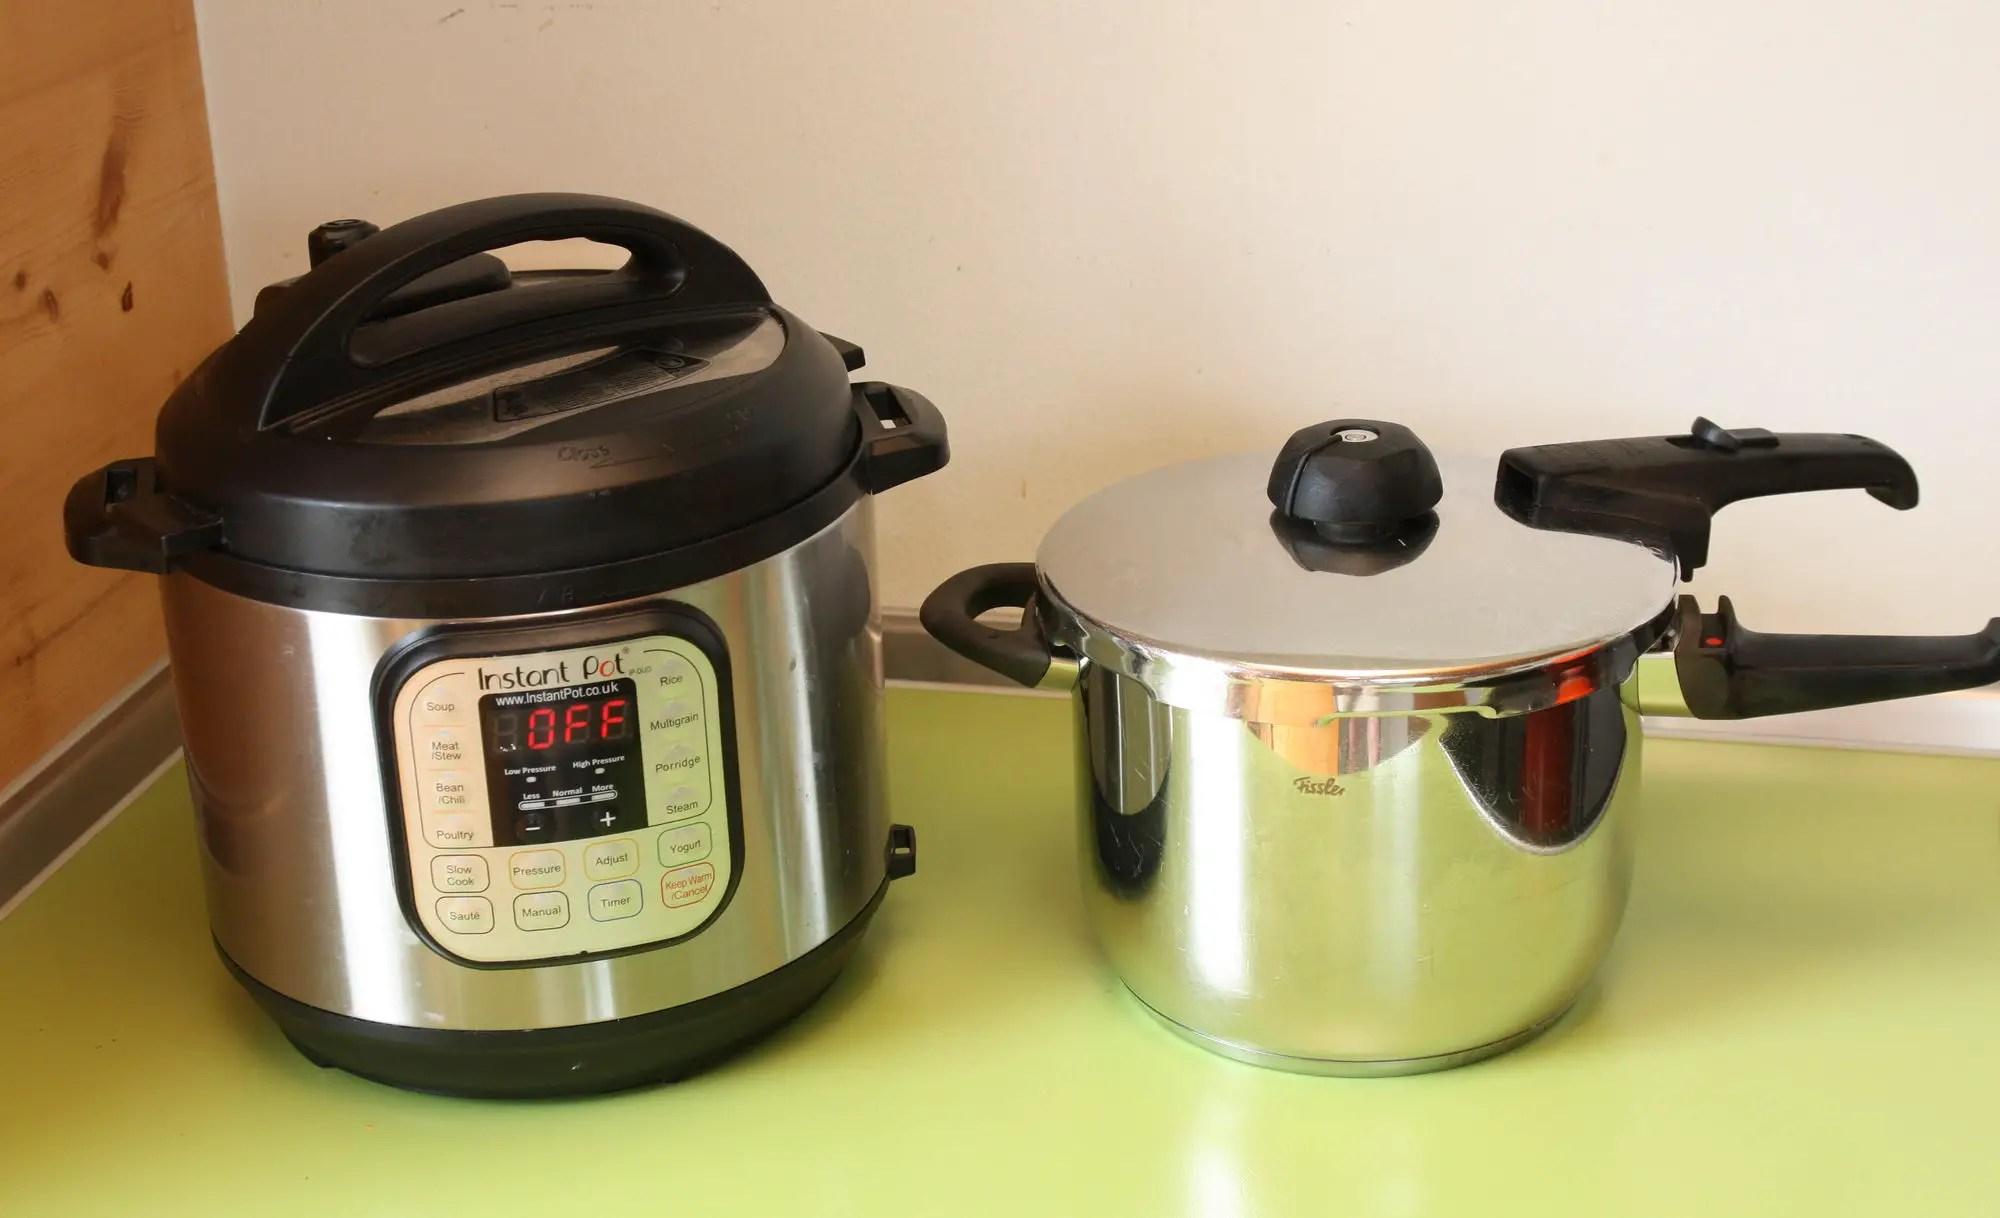 Beratung: Schnellkochtopf kaufen. – Wie groß muss ein Schnellkochtopf sein?